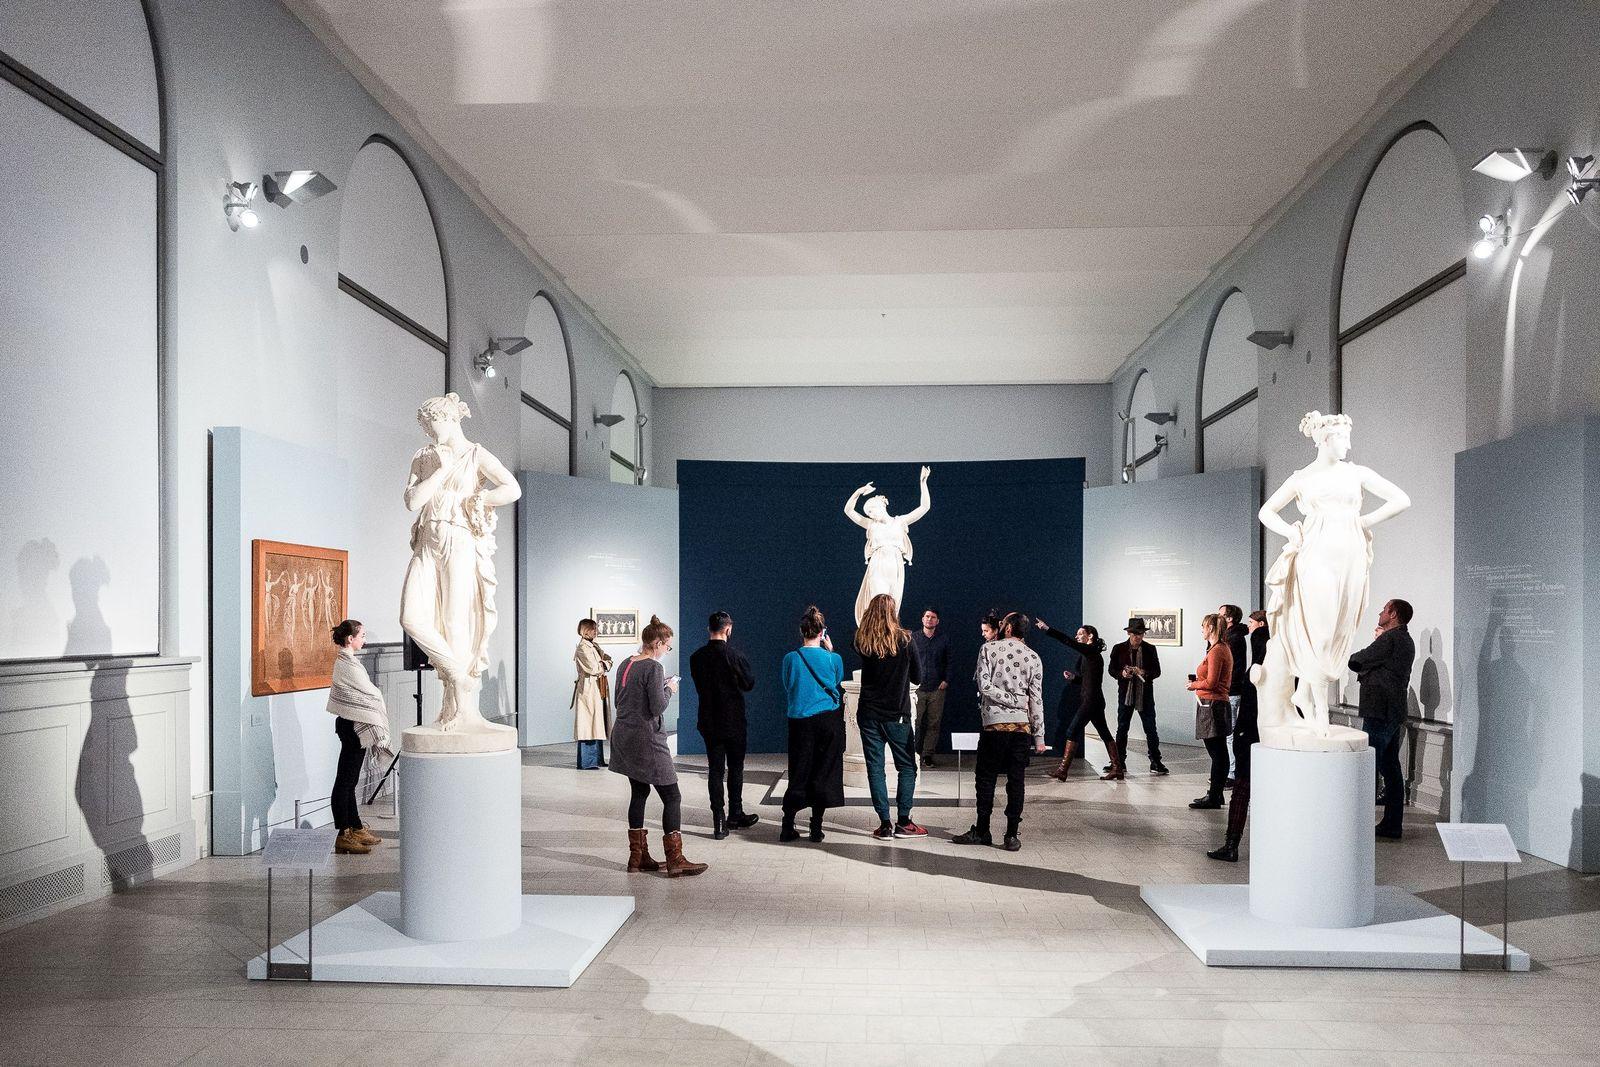 Bei Licht erläutern die Fachleute des Bode-Museums Spannendes zu den Skulpturen. Foto: Christoph Neumann, www.christoph-neumann.com